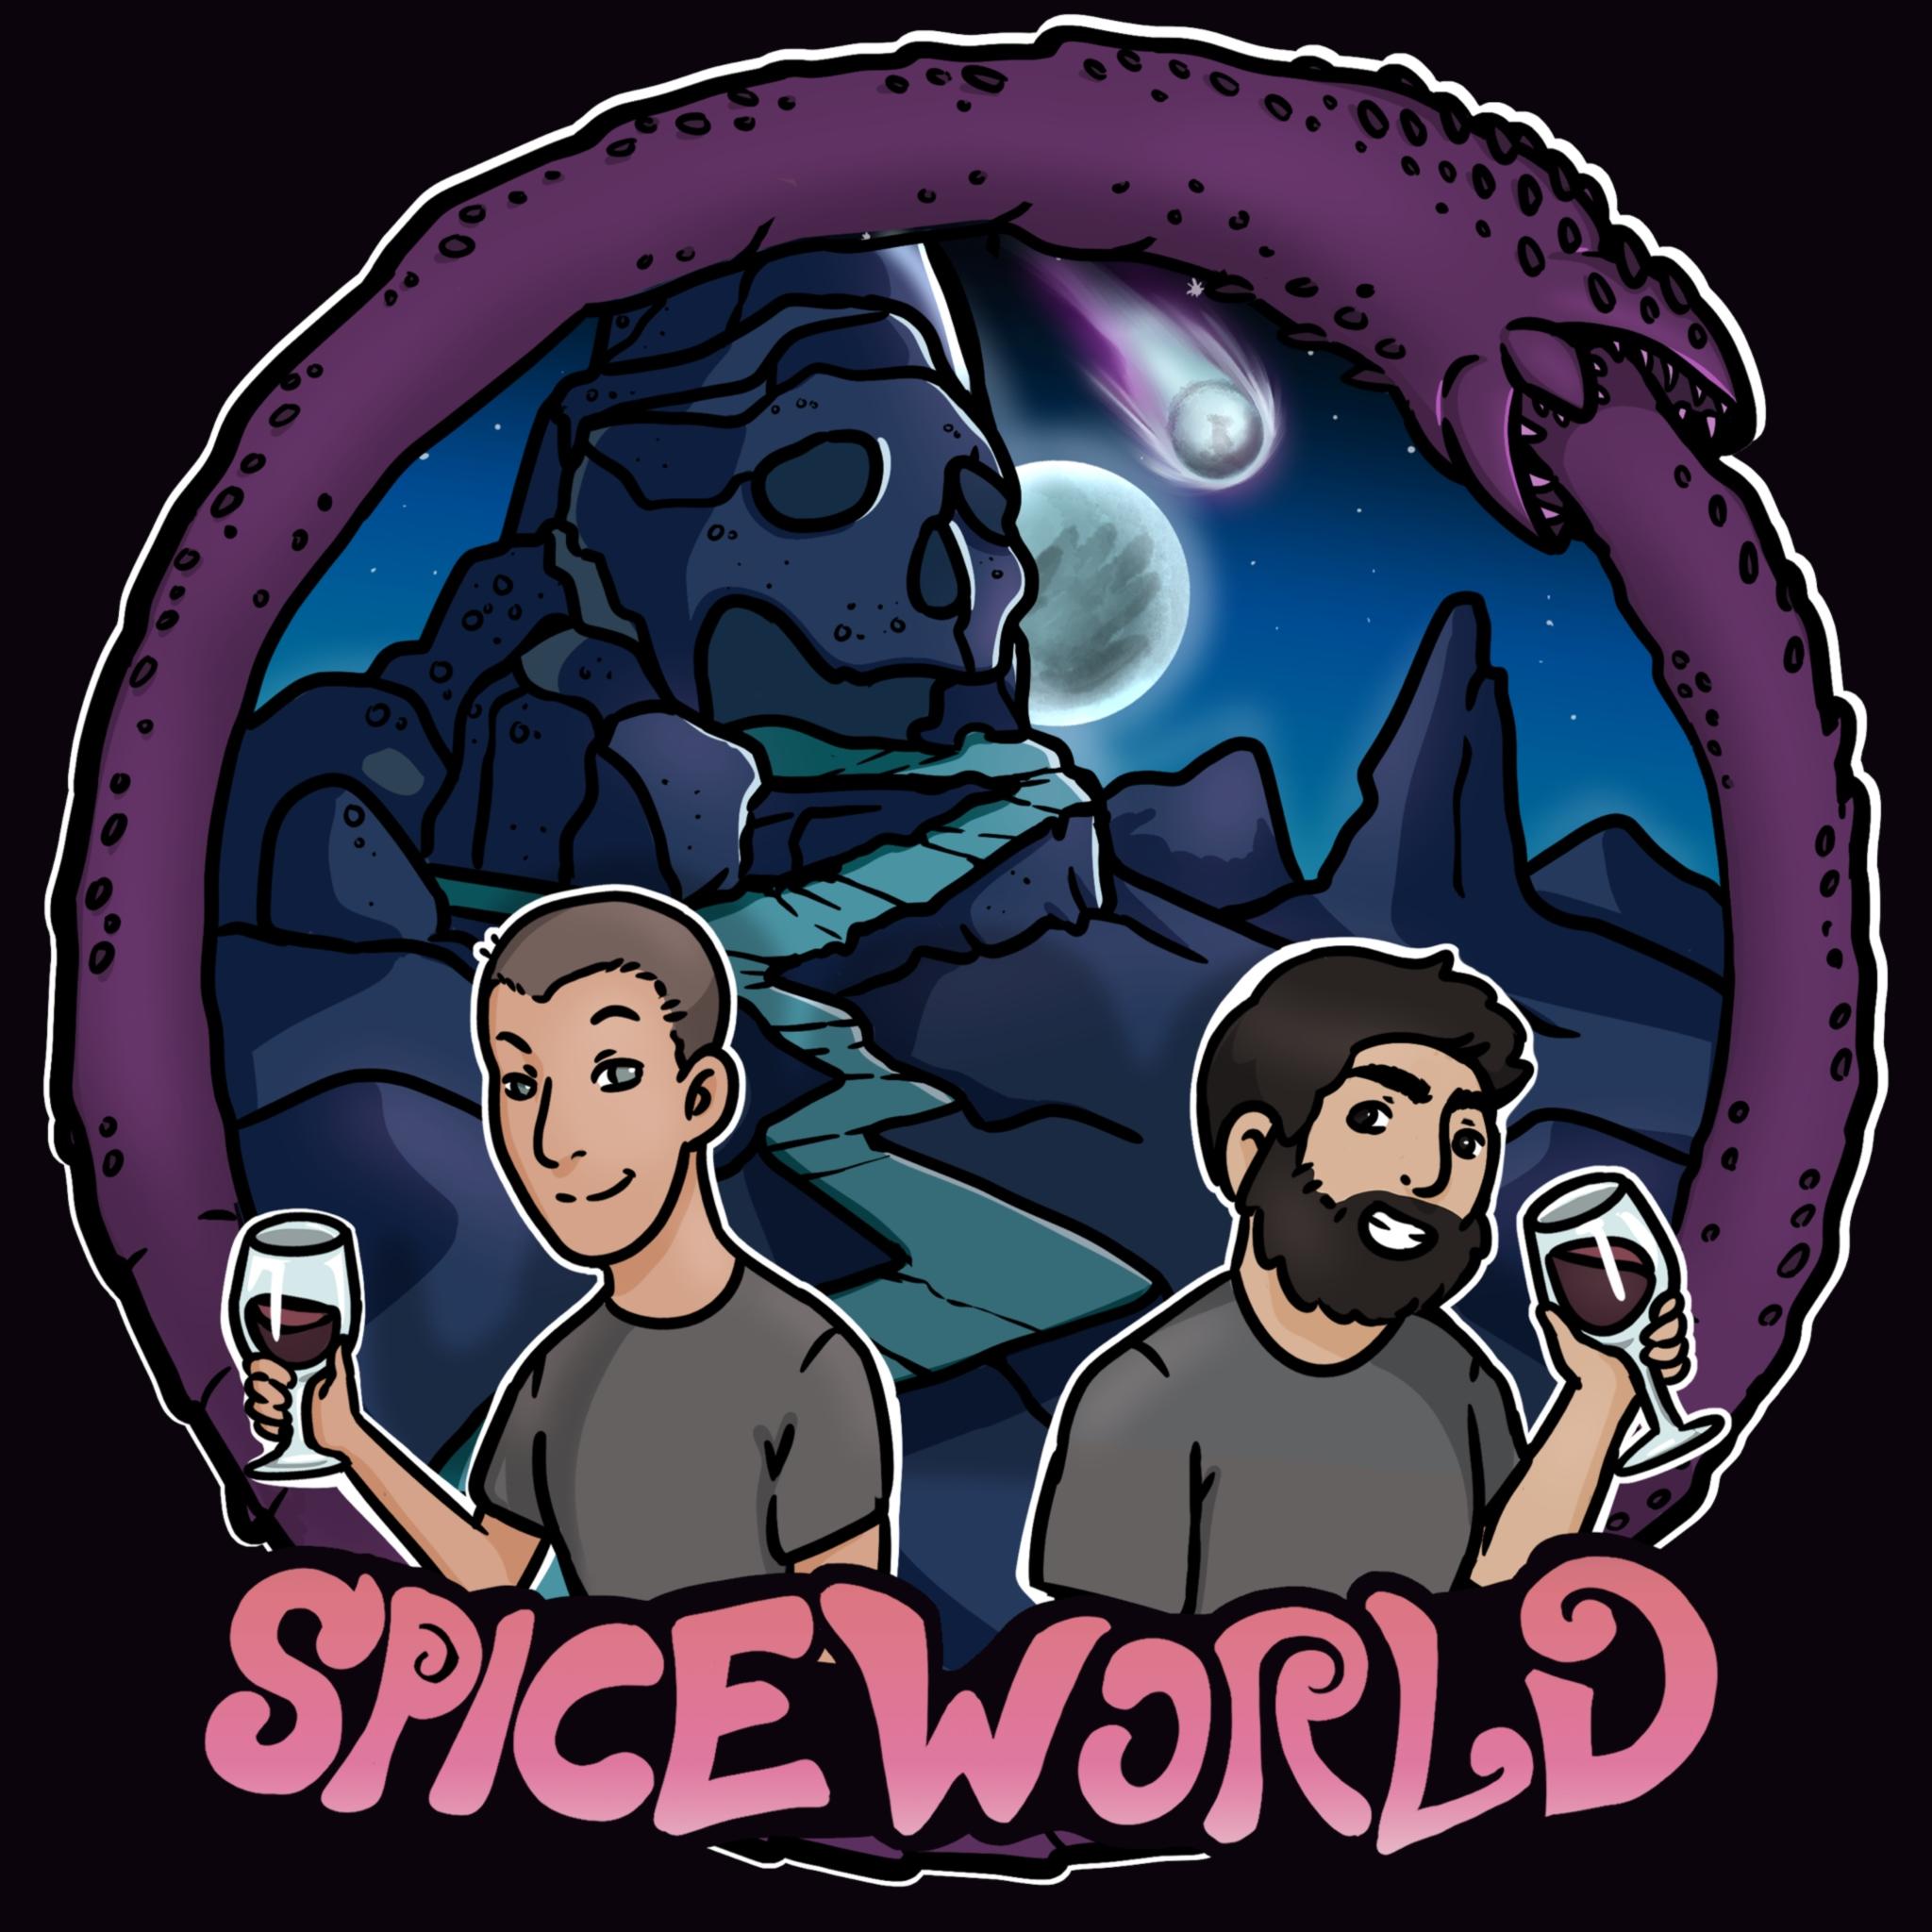 Artwork for podcast Spice World